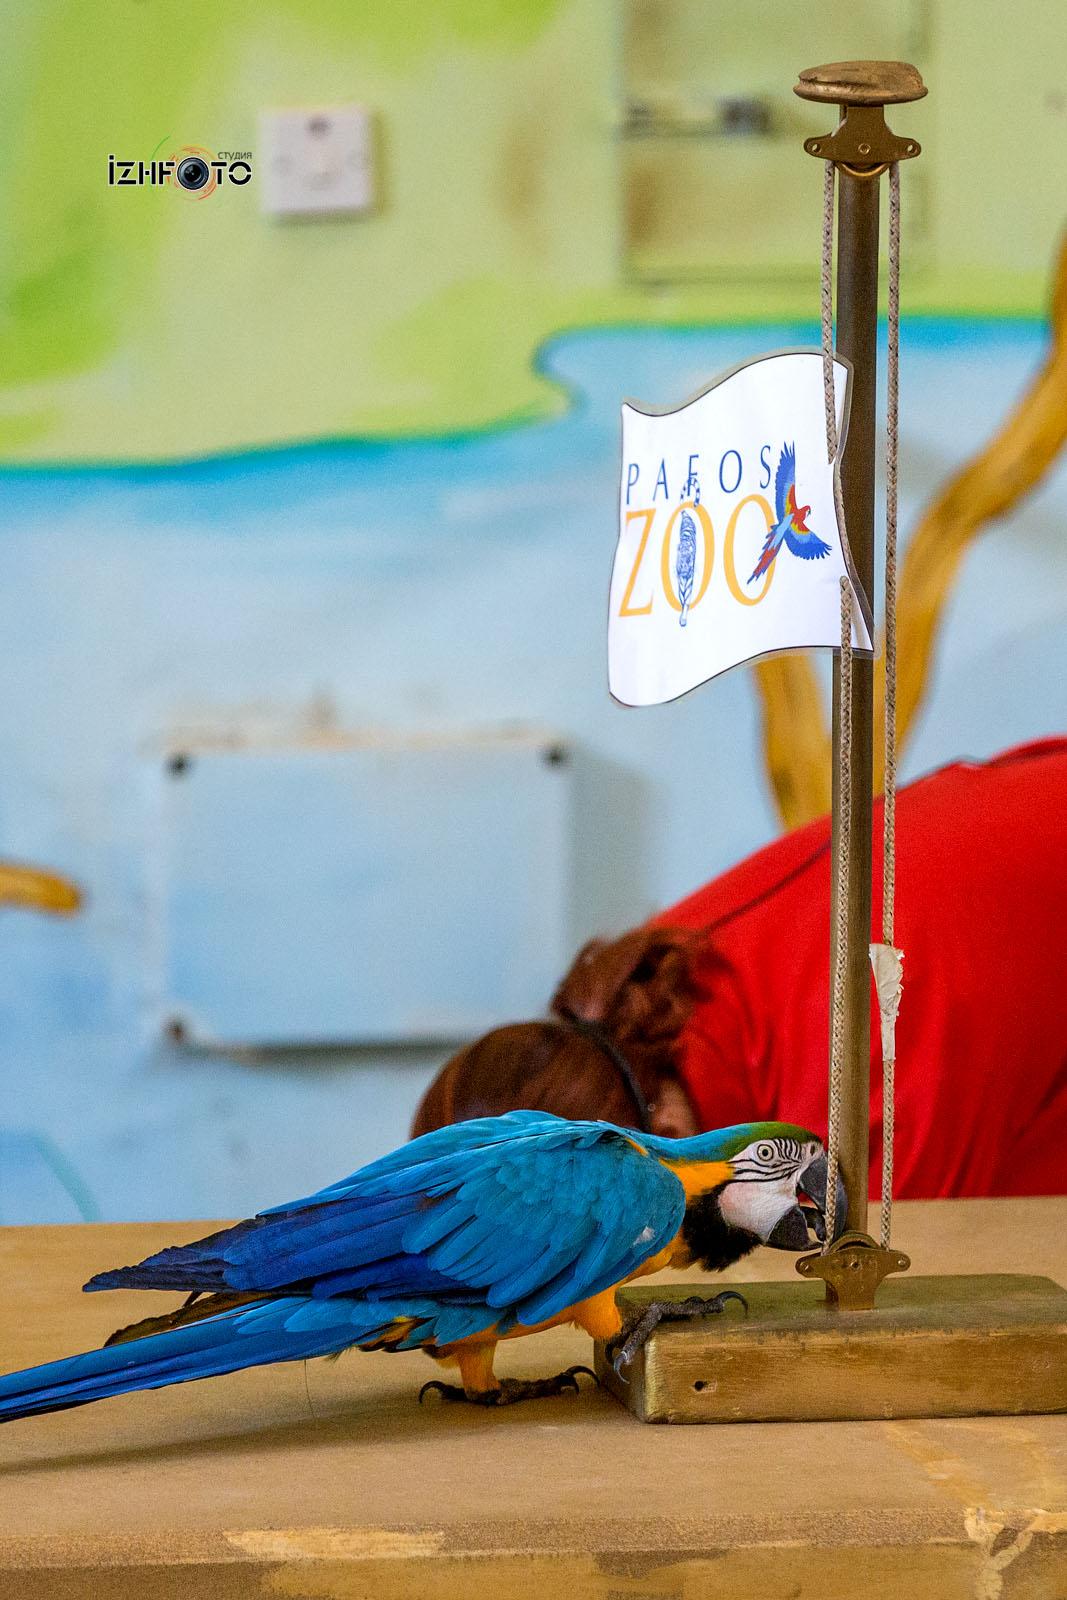 Фото из зоопарка Пафоса Кипр